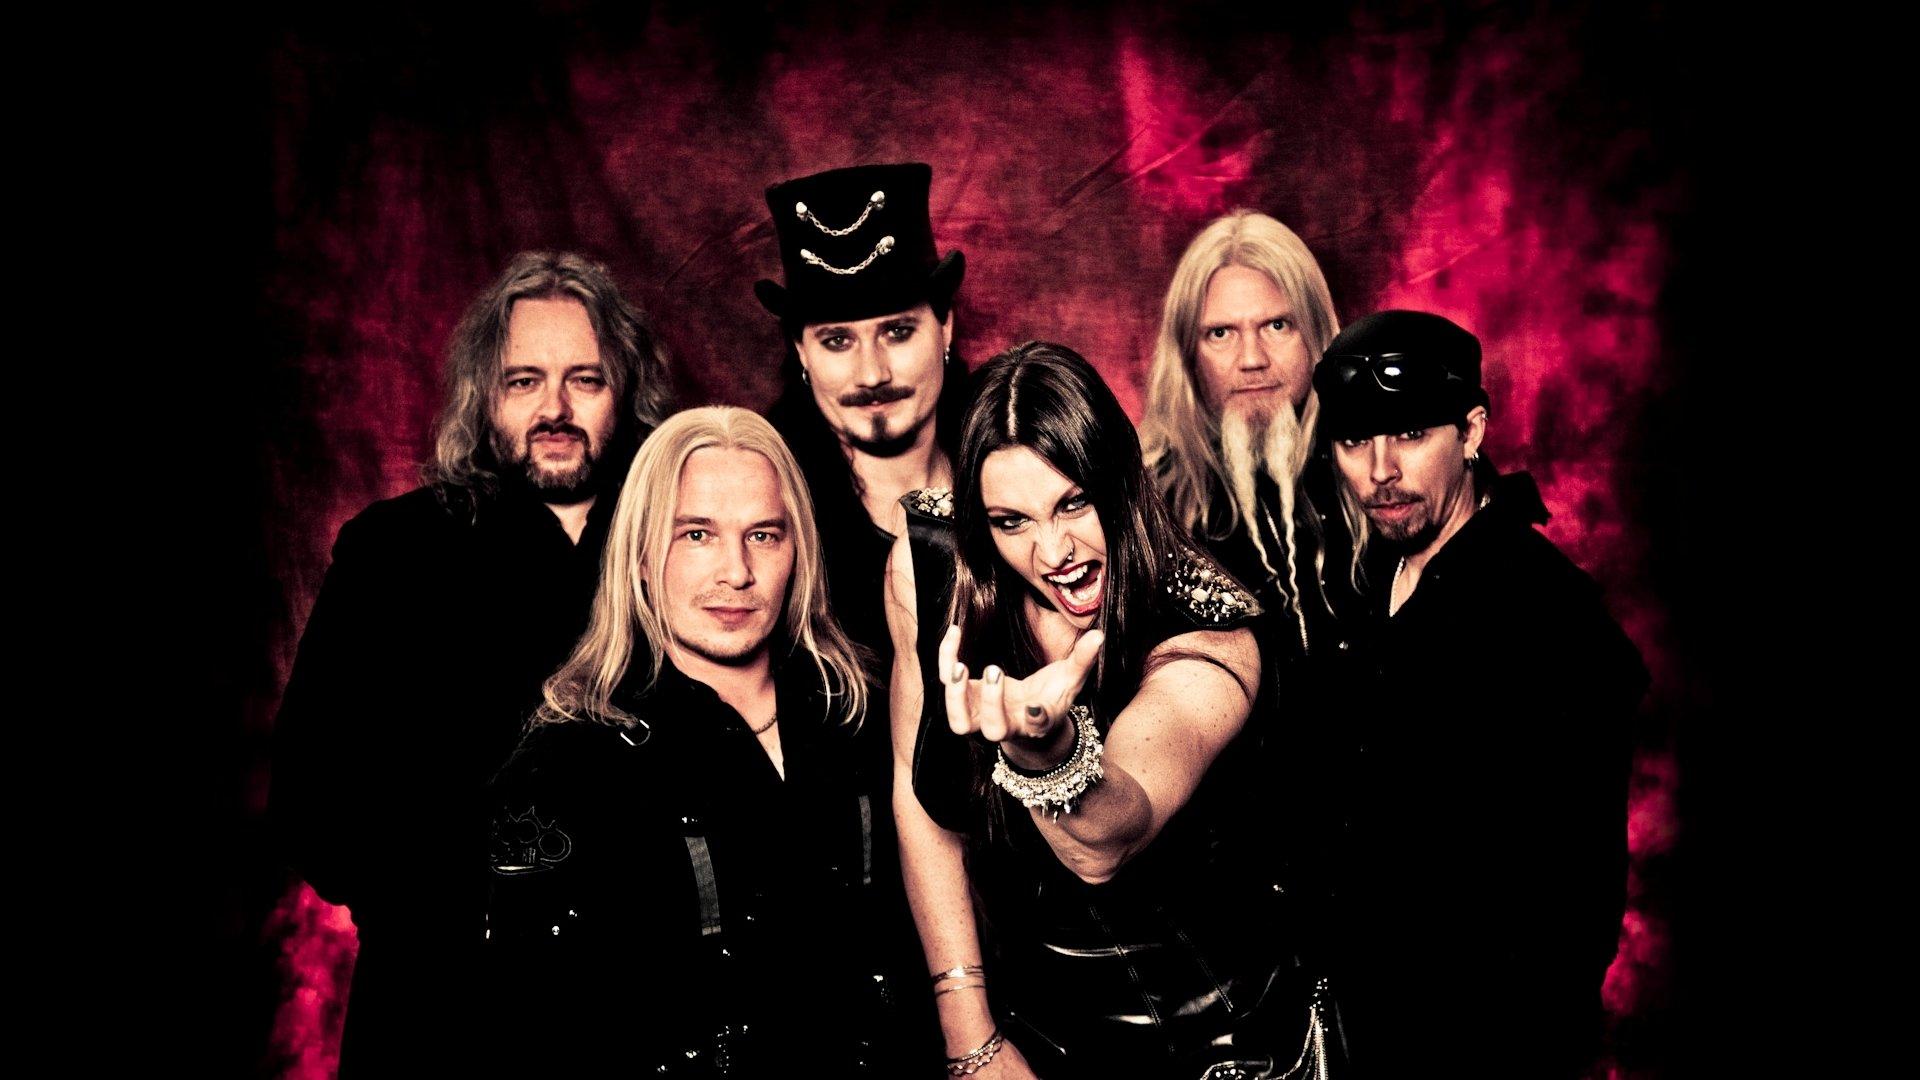 Music - Nightwish  Wallpaper